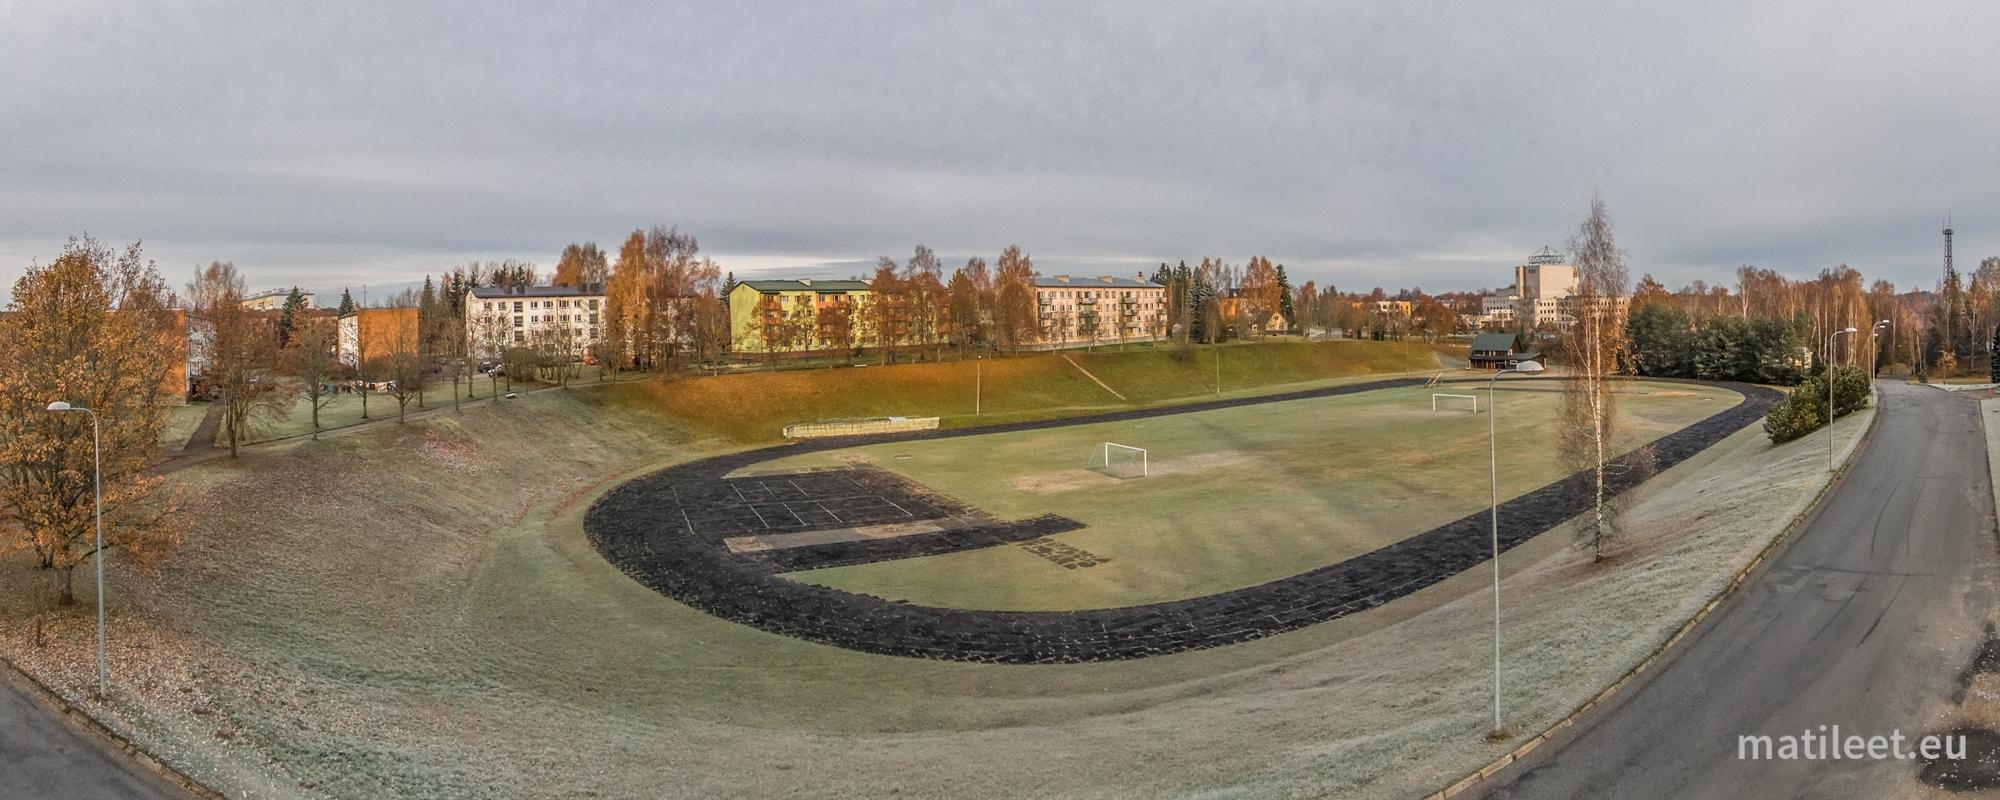 põlva_staadion-31-10-2015